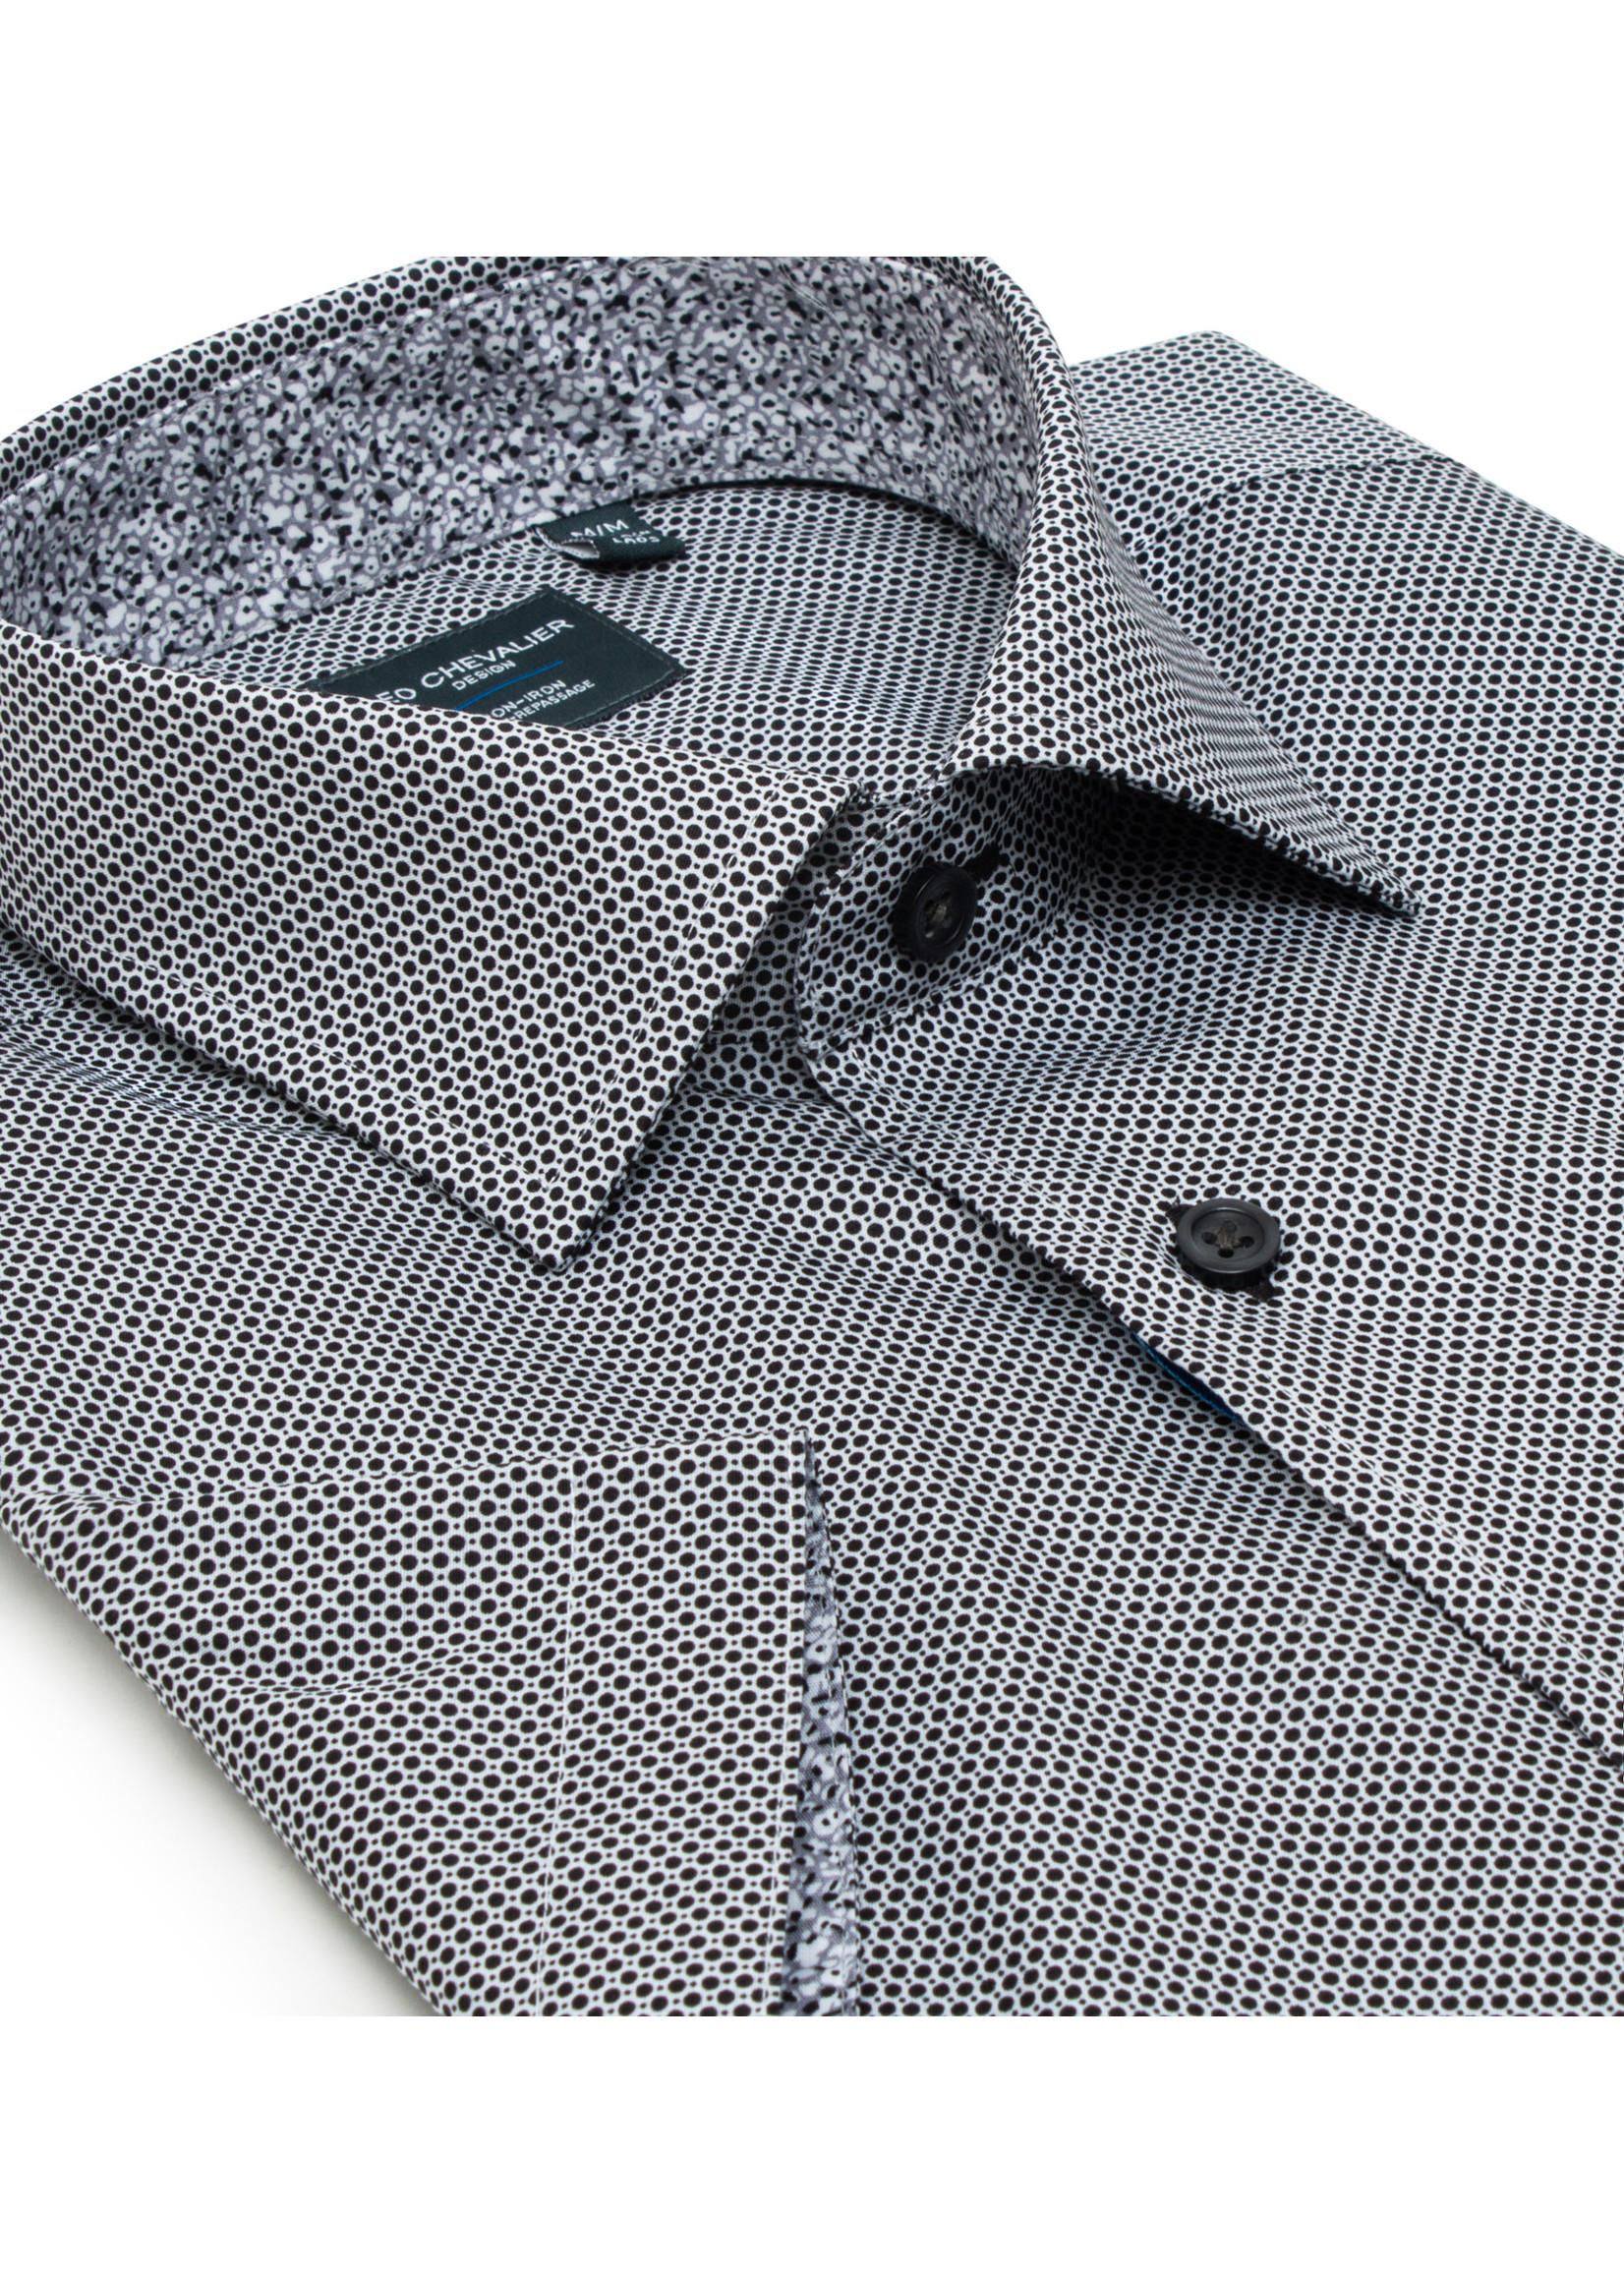 Leo Chevalier 100% Cotton Non Iron Button Down Short Sleeve